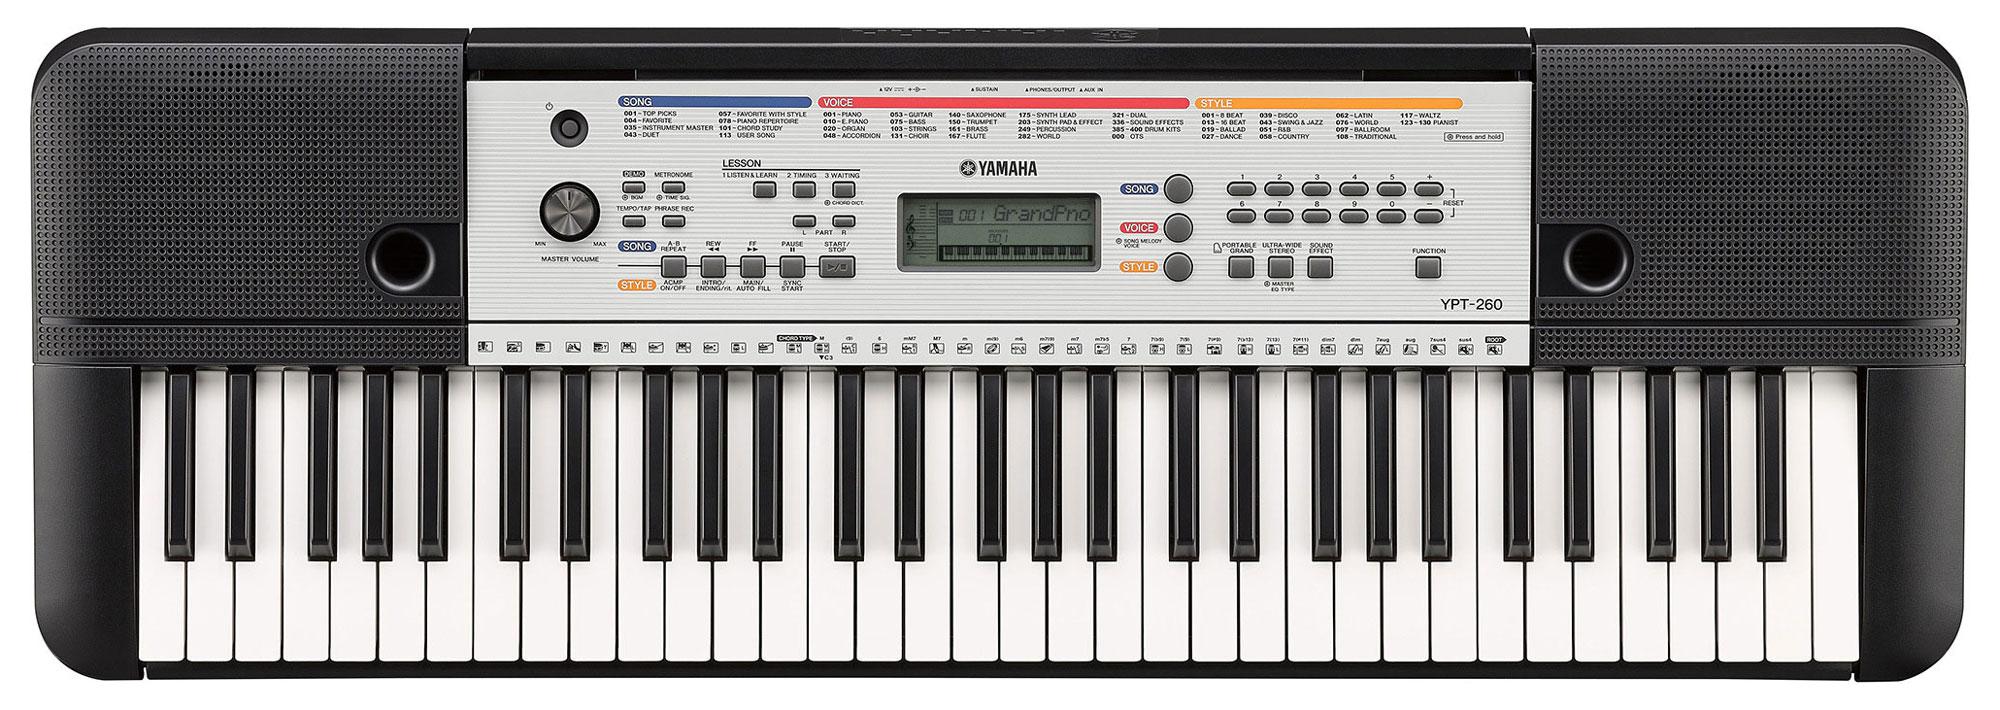 Yamaha YPT 260 Keyboard